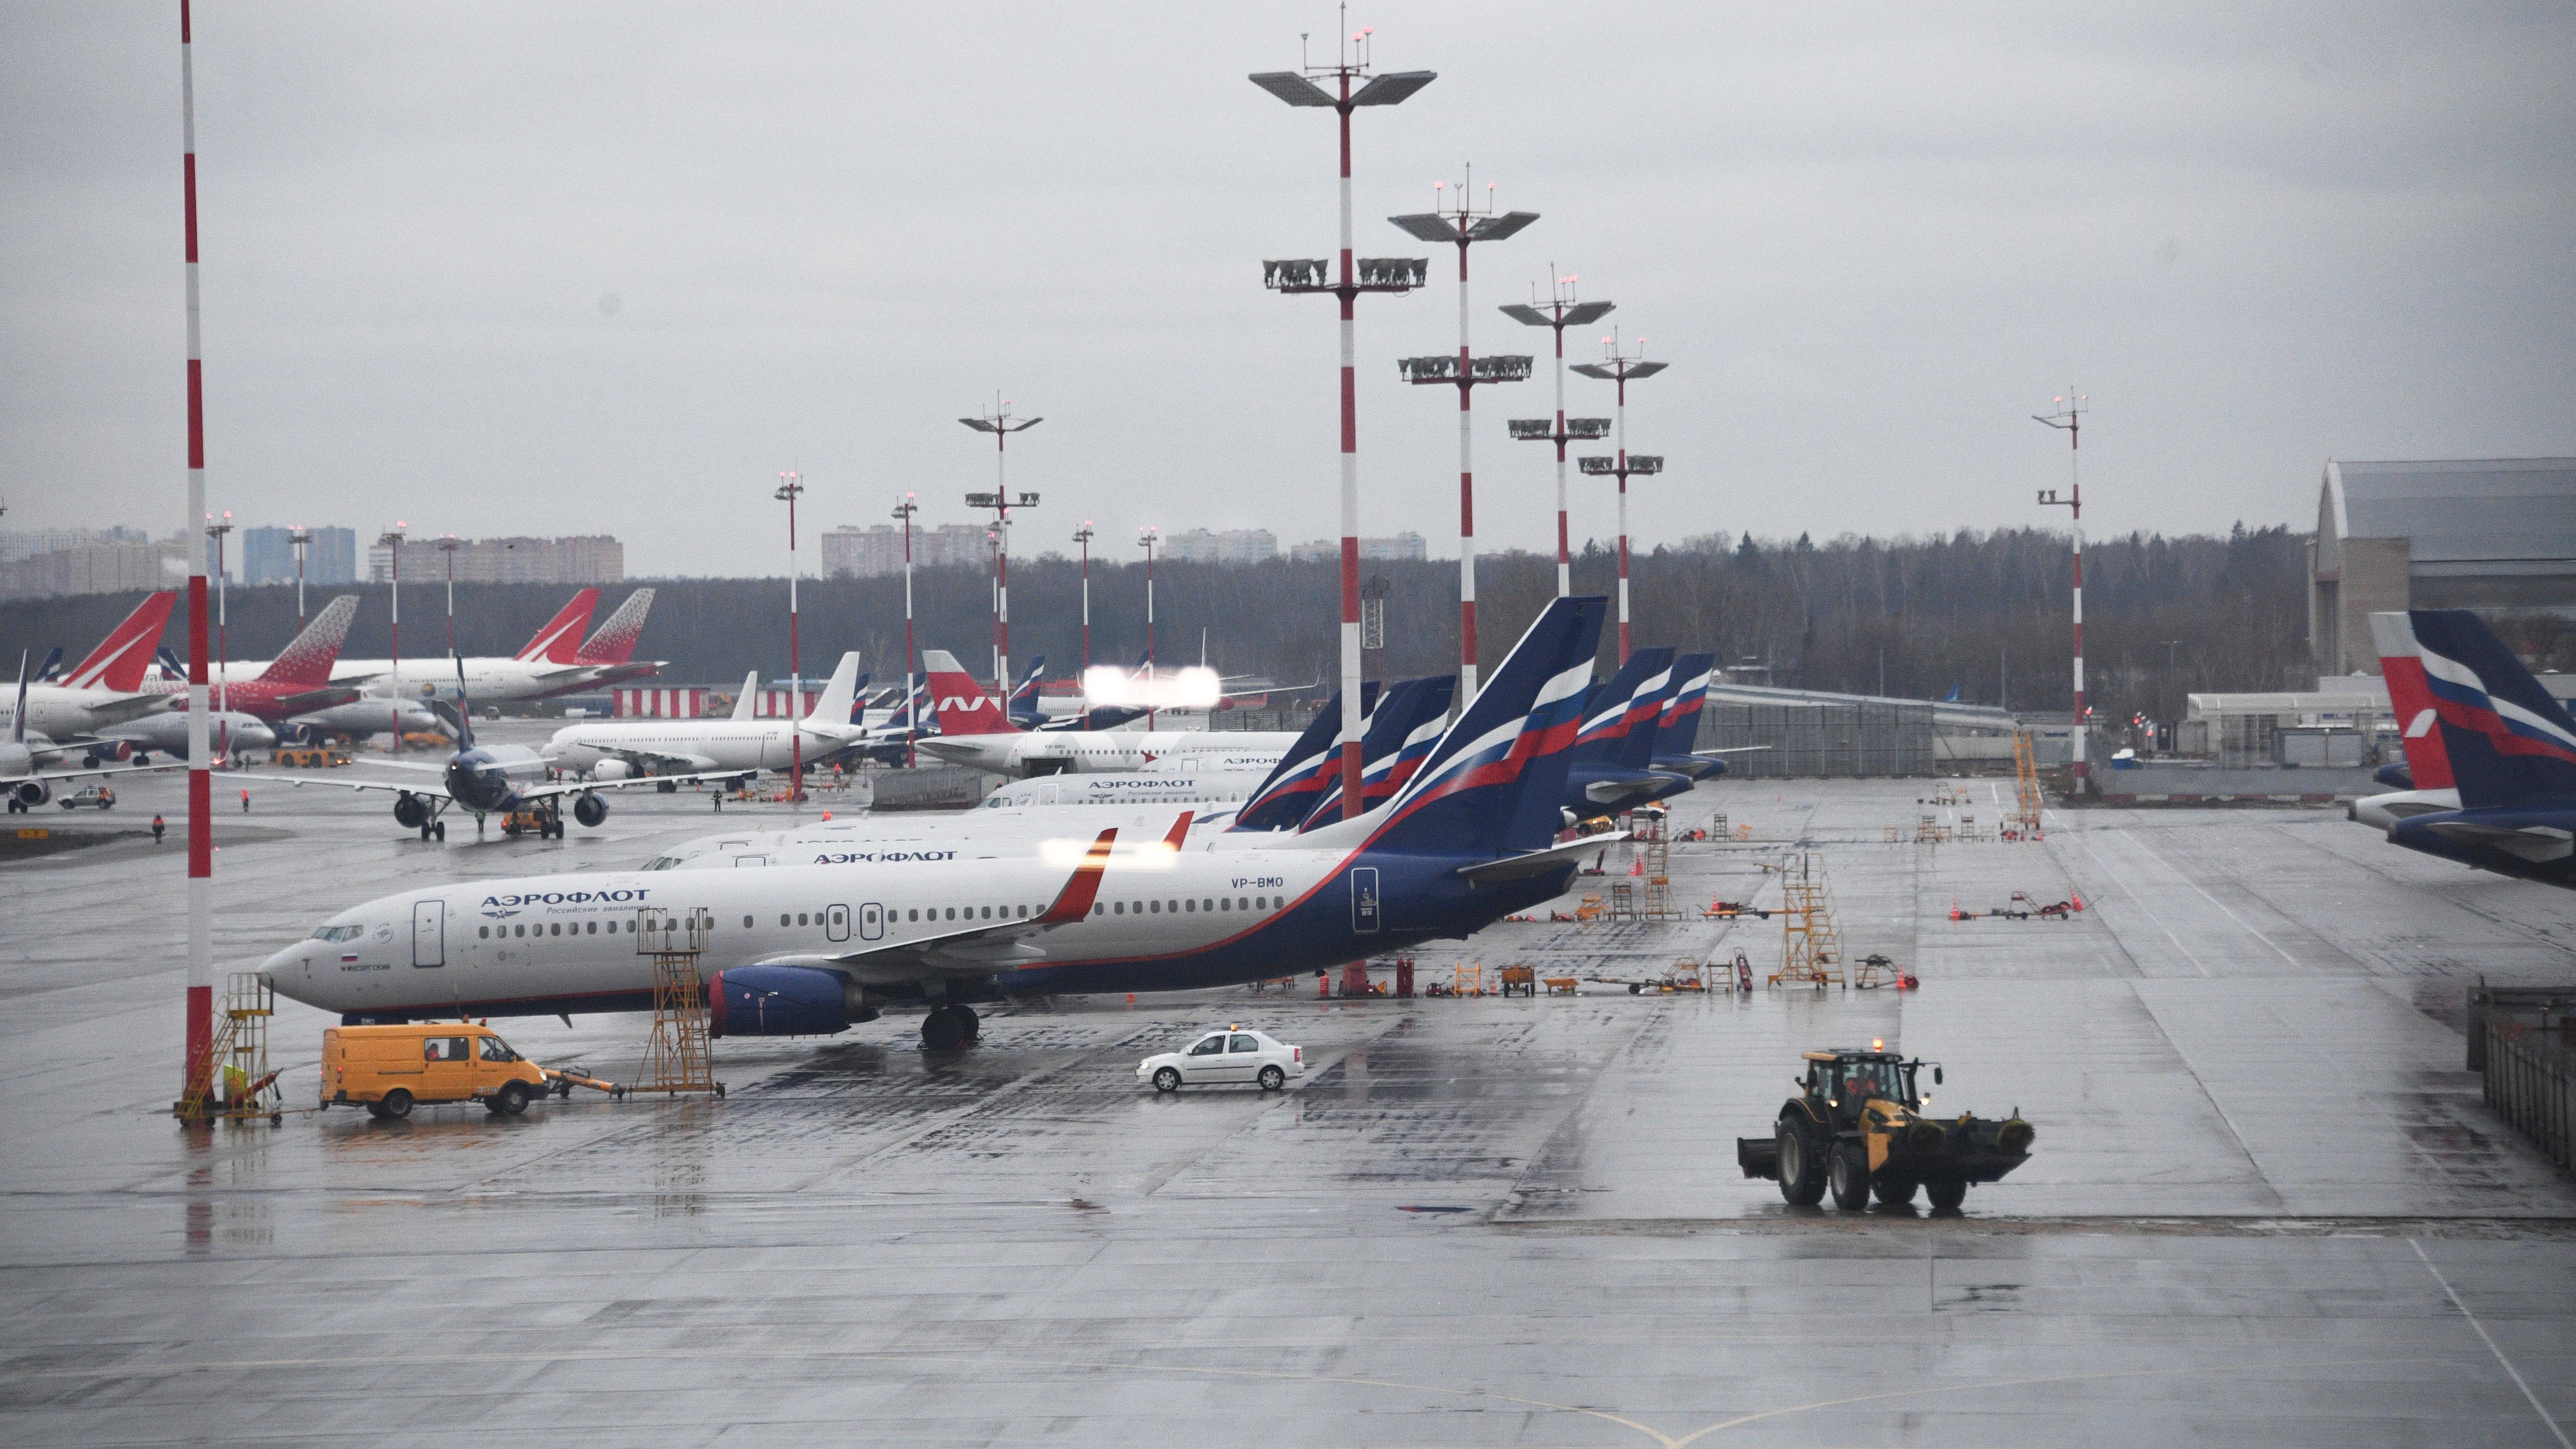 В Шереметьево из-за отказа двигателя экстренно приземлился пассажирский самолет